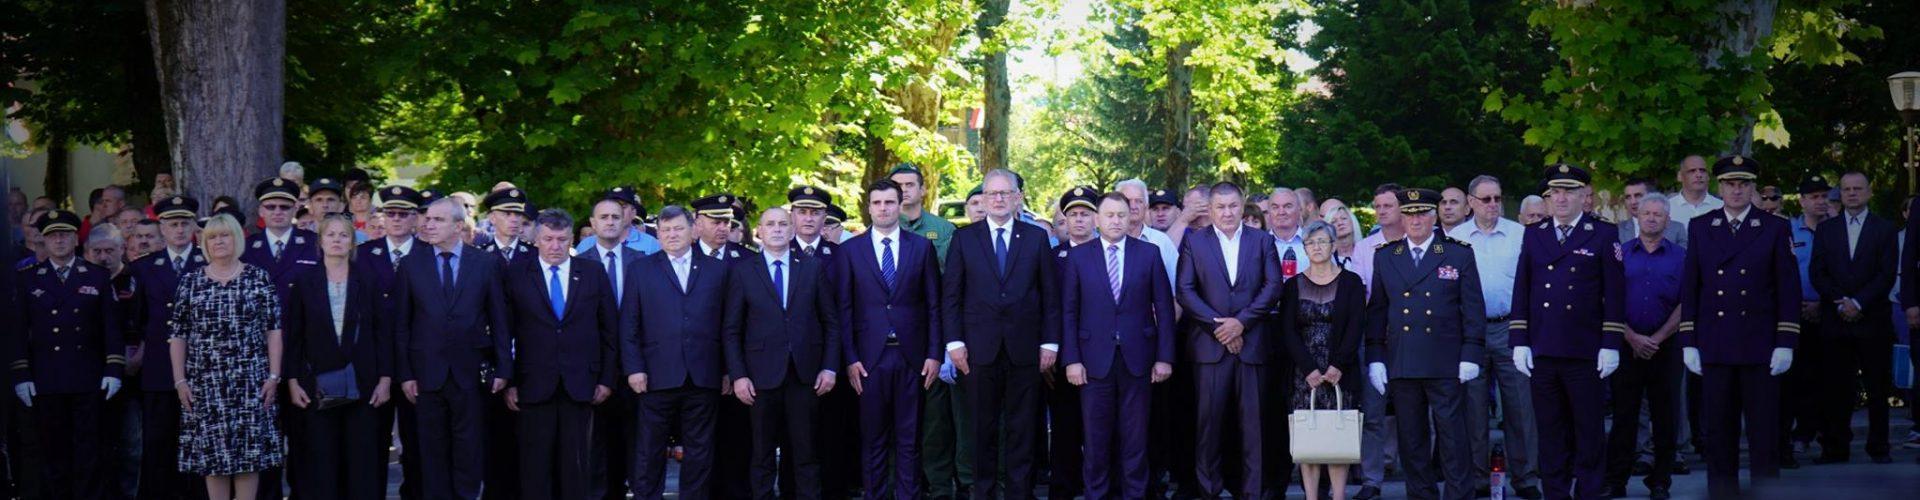 27. godišnjica početka oružanog otpora srpskom agresoru u Domovinskom ratu